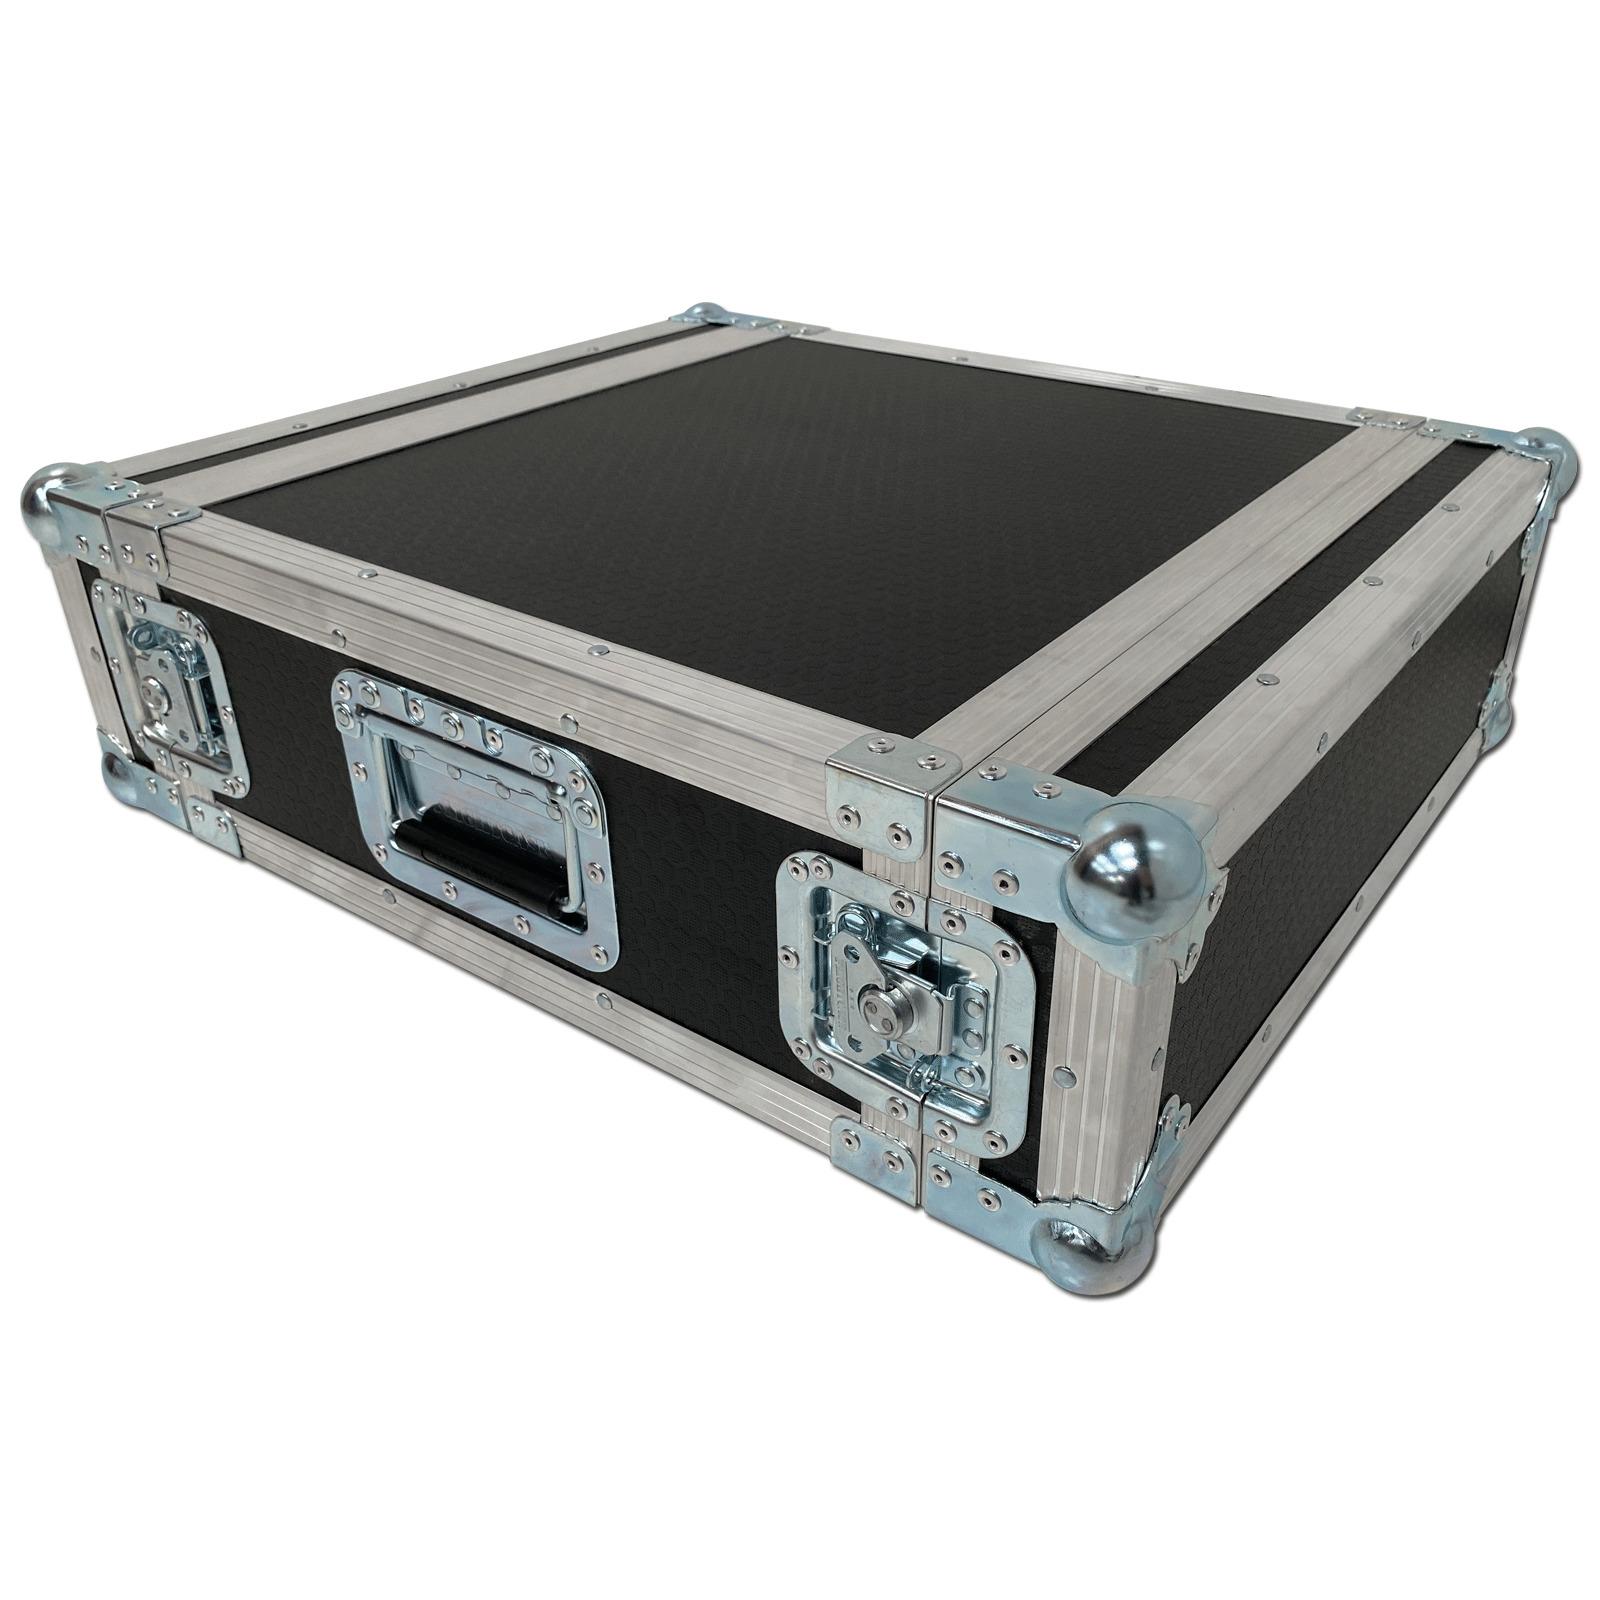 3u rackmount flight case. Black Bedroom Furniture Sets. Home Design Ideas